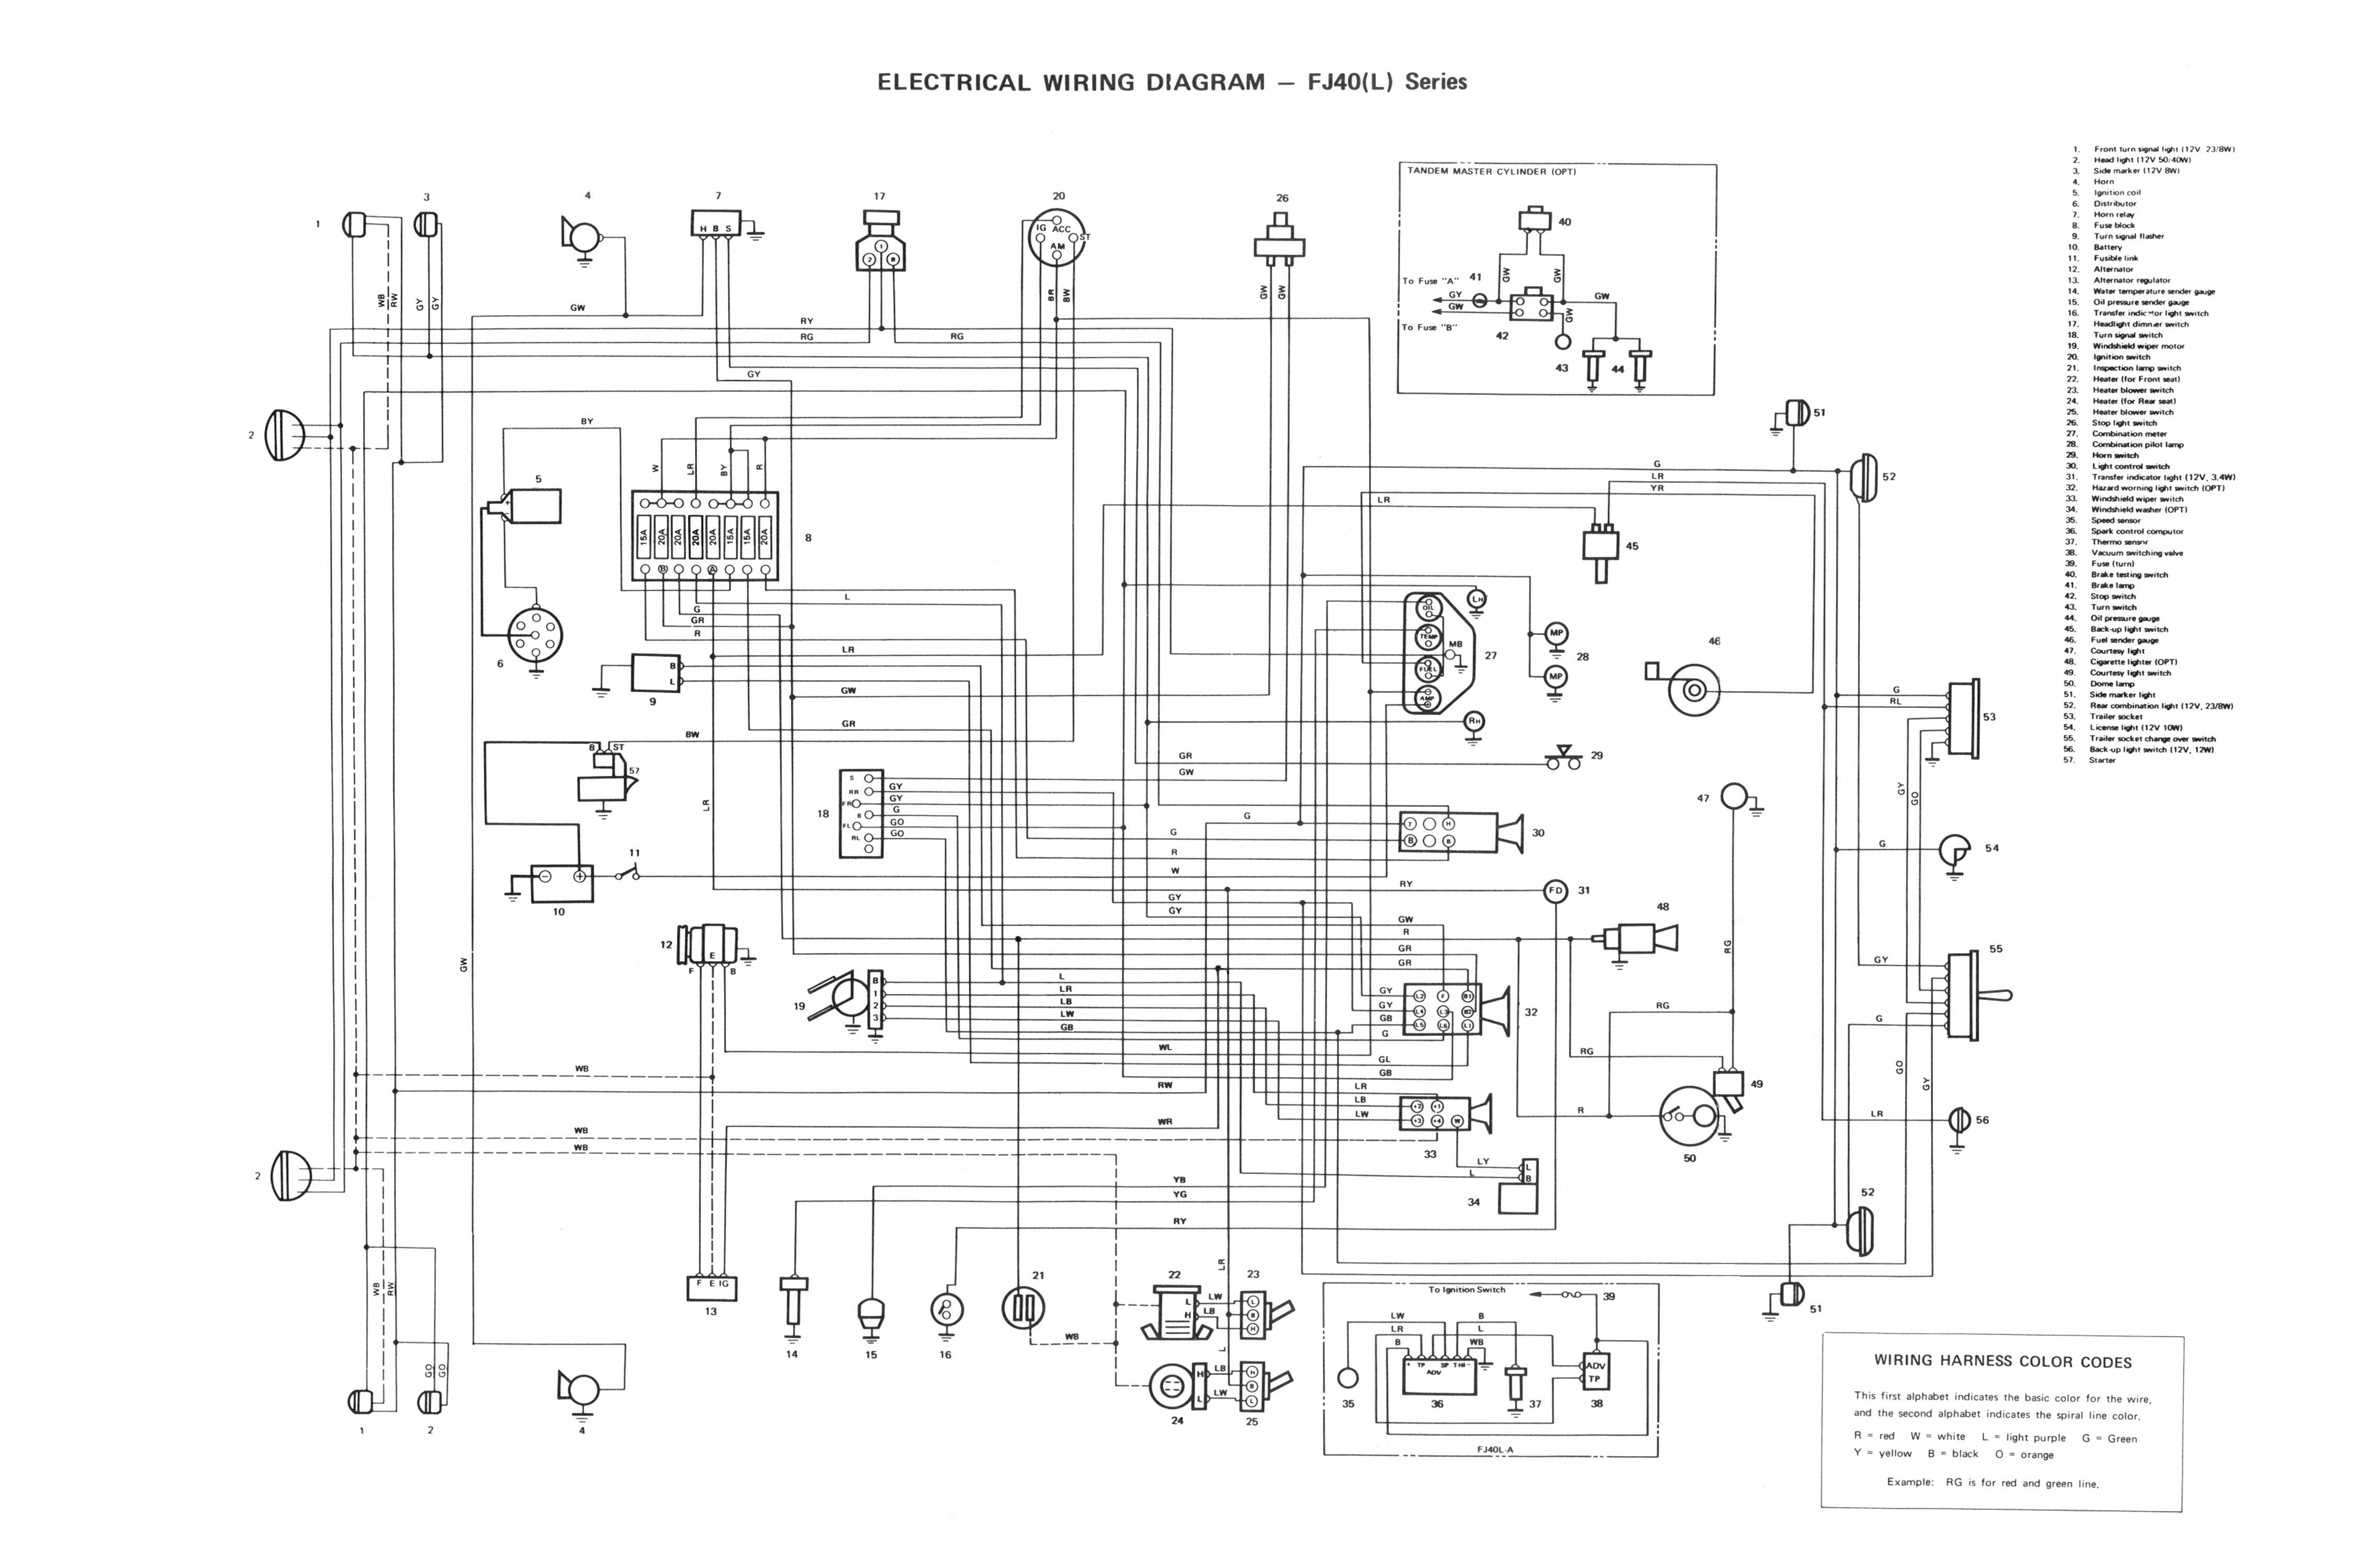 Ez Go Xi 875 Wiring Diagram Diagrams Golf Cart Harness Fj40 For 72 Fuel Tank Elsavadorla 36 Volt Electric